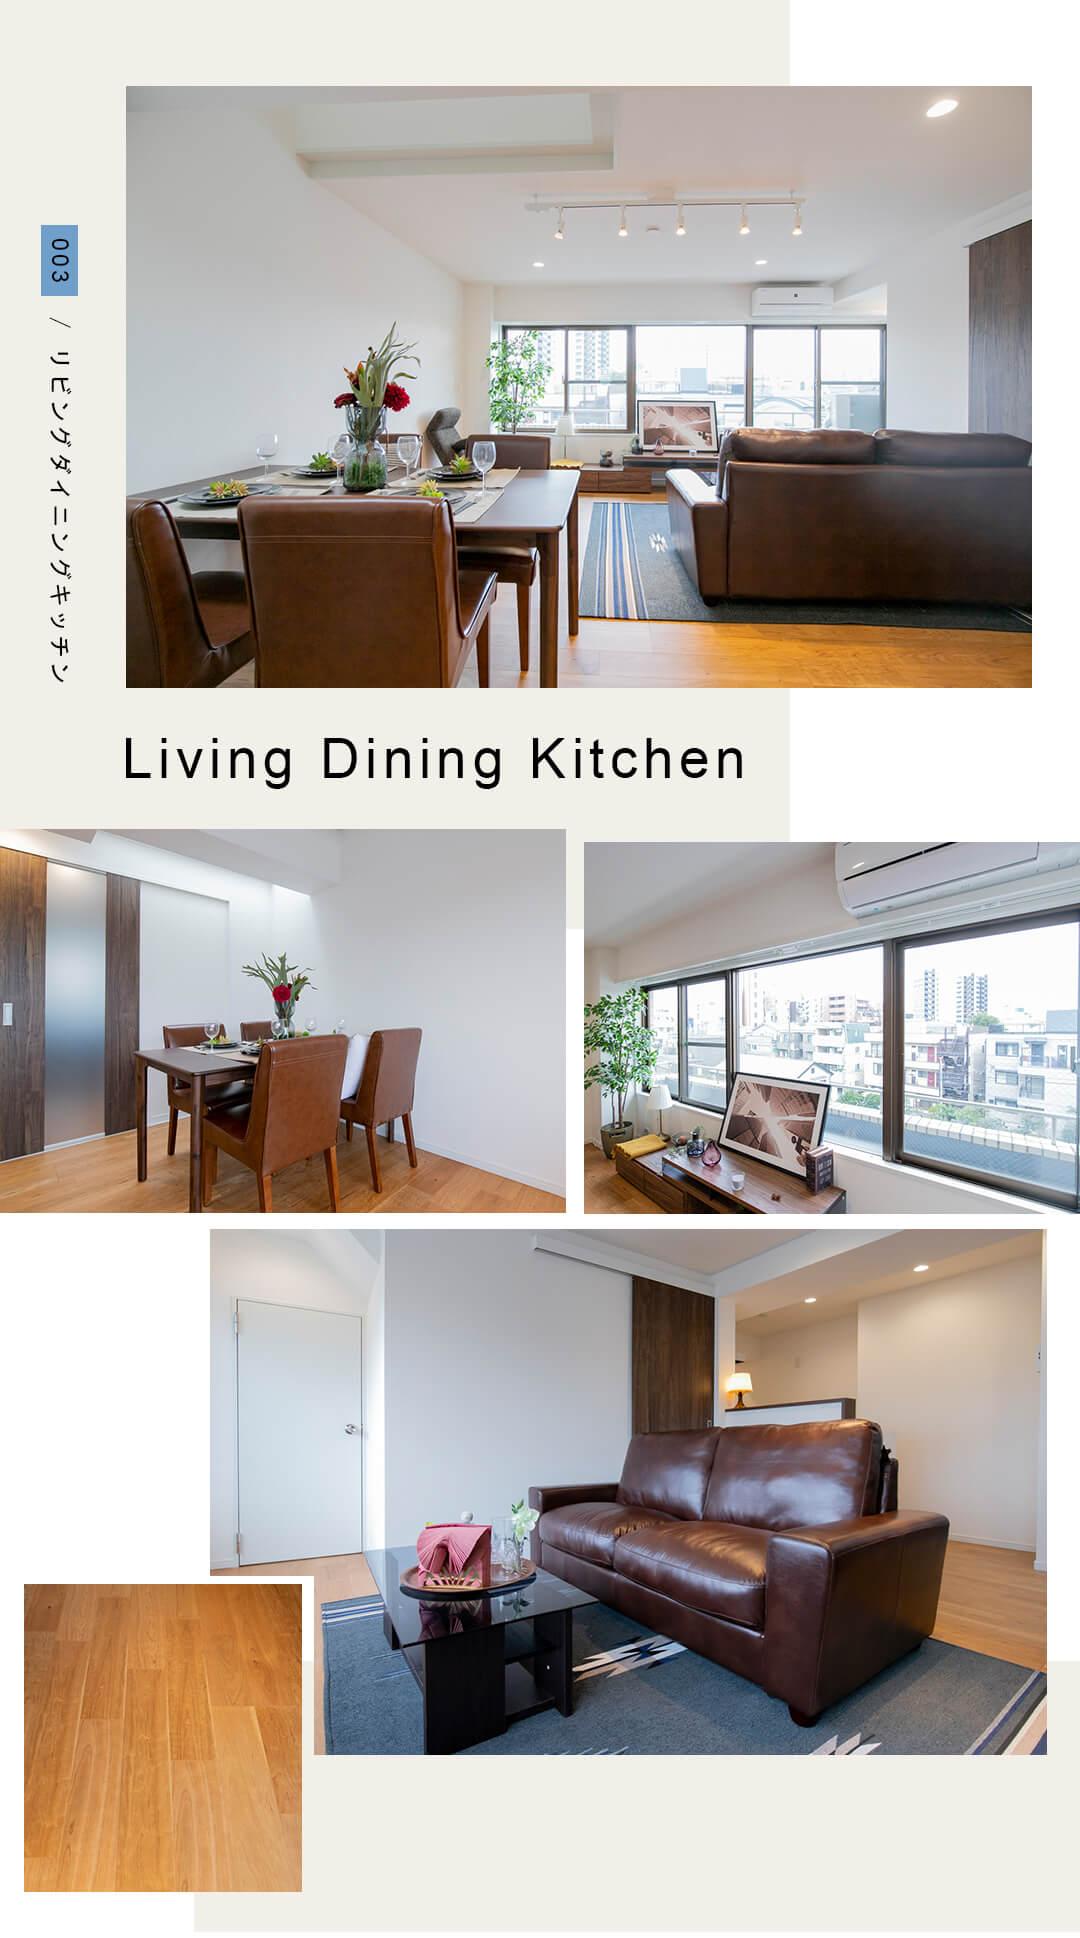 朝日プラザ中野弥生町のリビングダイニングキッチン